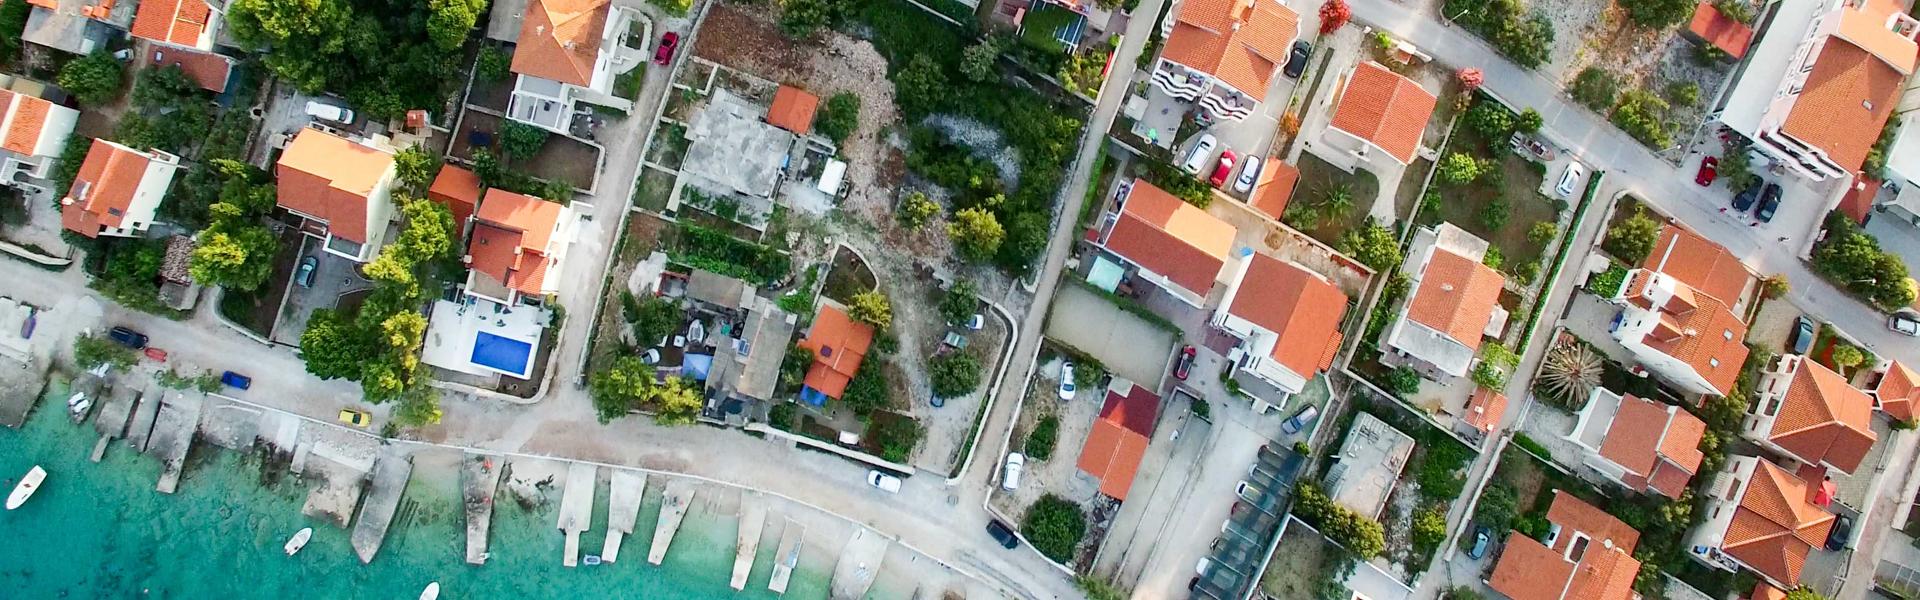 servicios inmobiliarios valencia